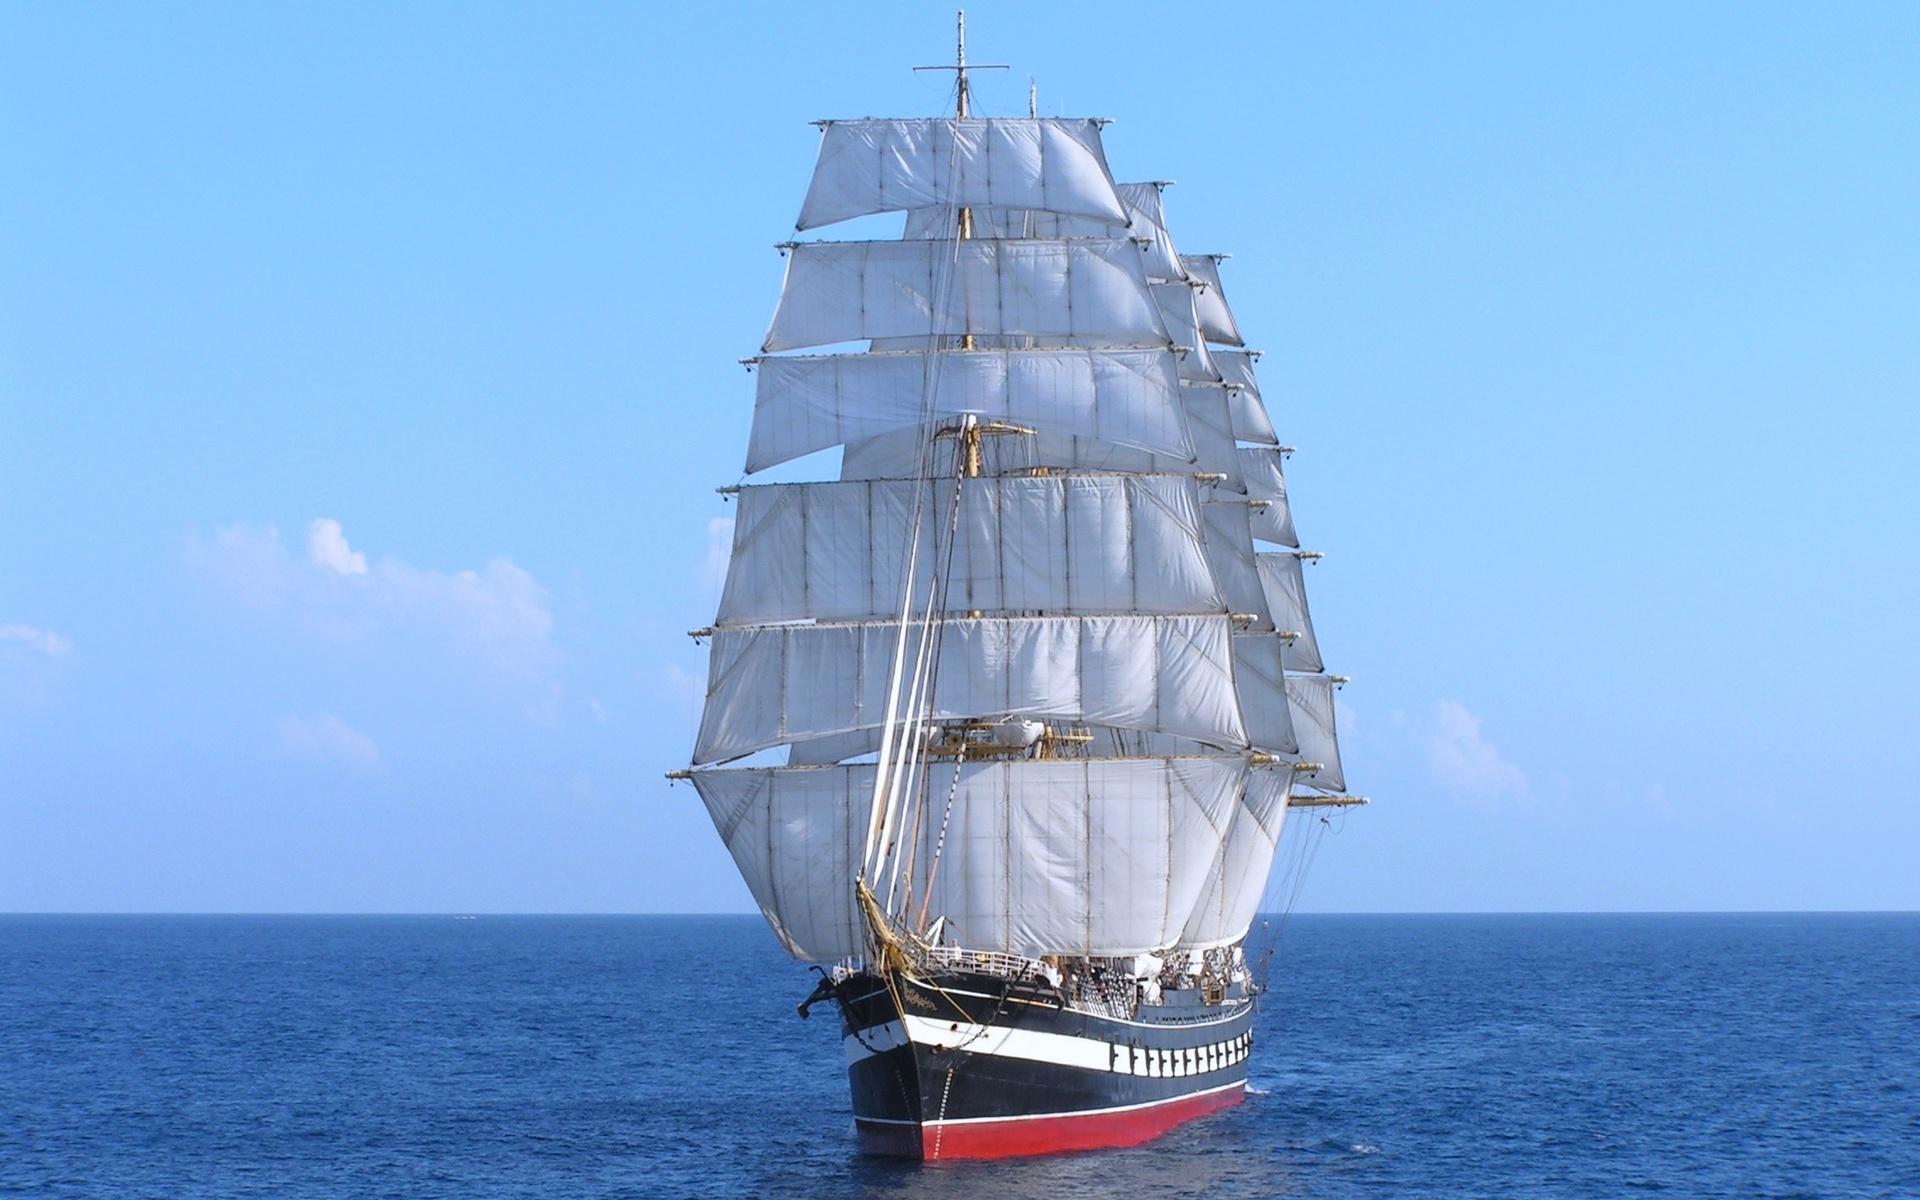 Картинки парусные корабли в море, открытки